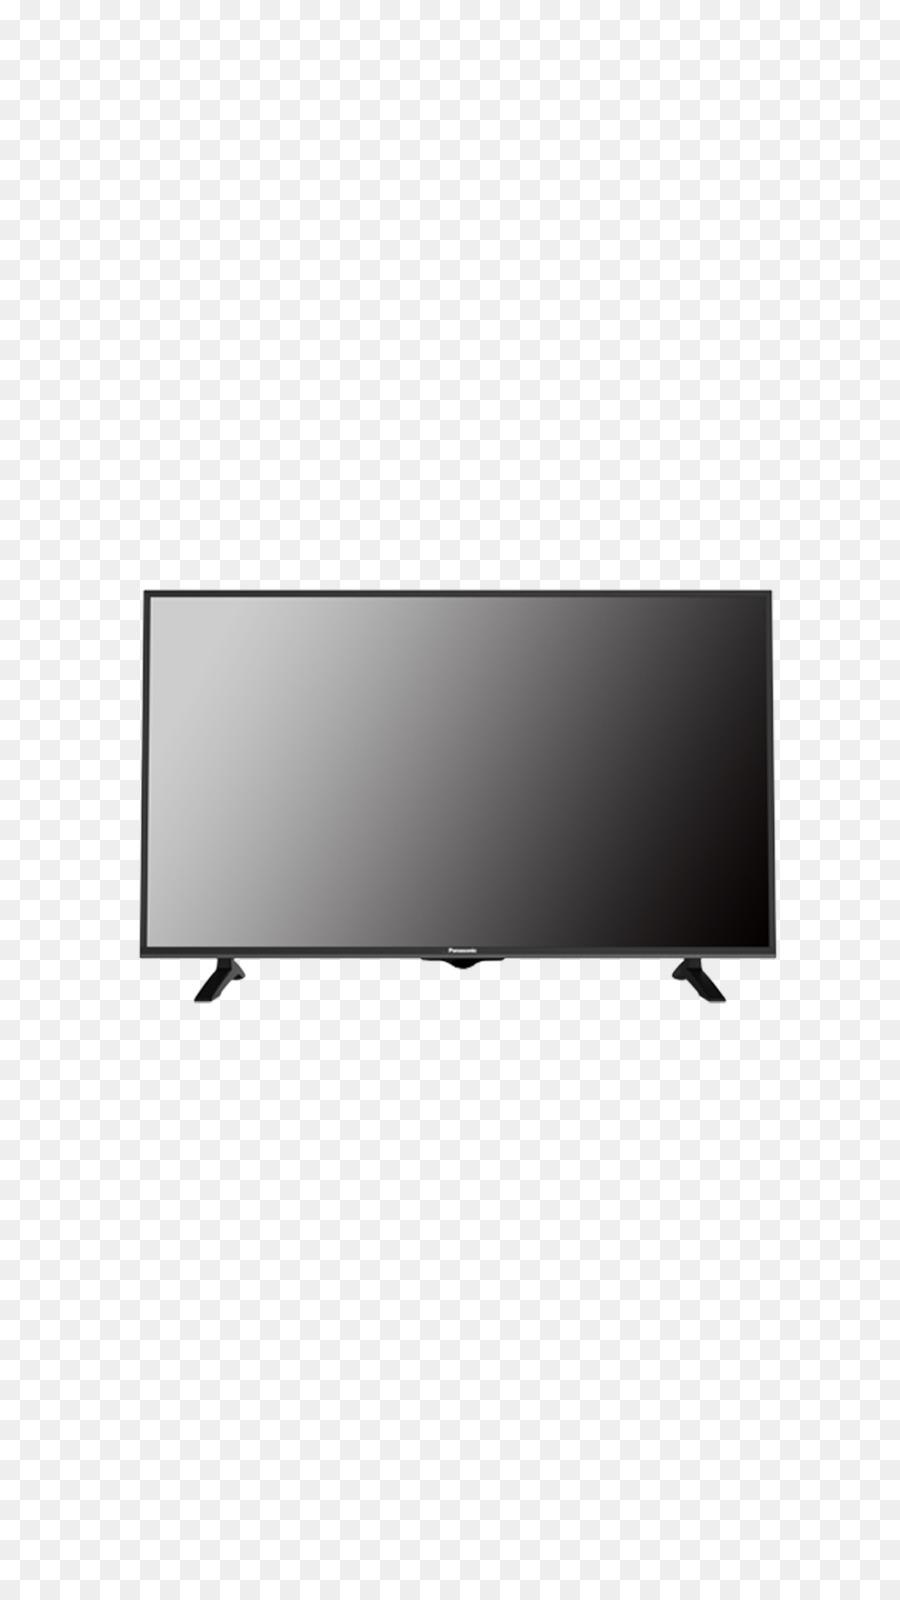 Lcd Television Led Backlit Computer Monitors Liquid Crystal Backlight Tv Display